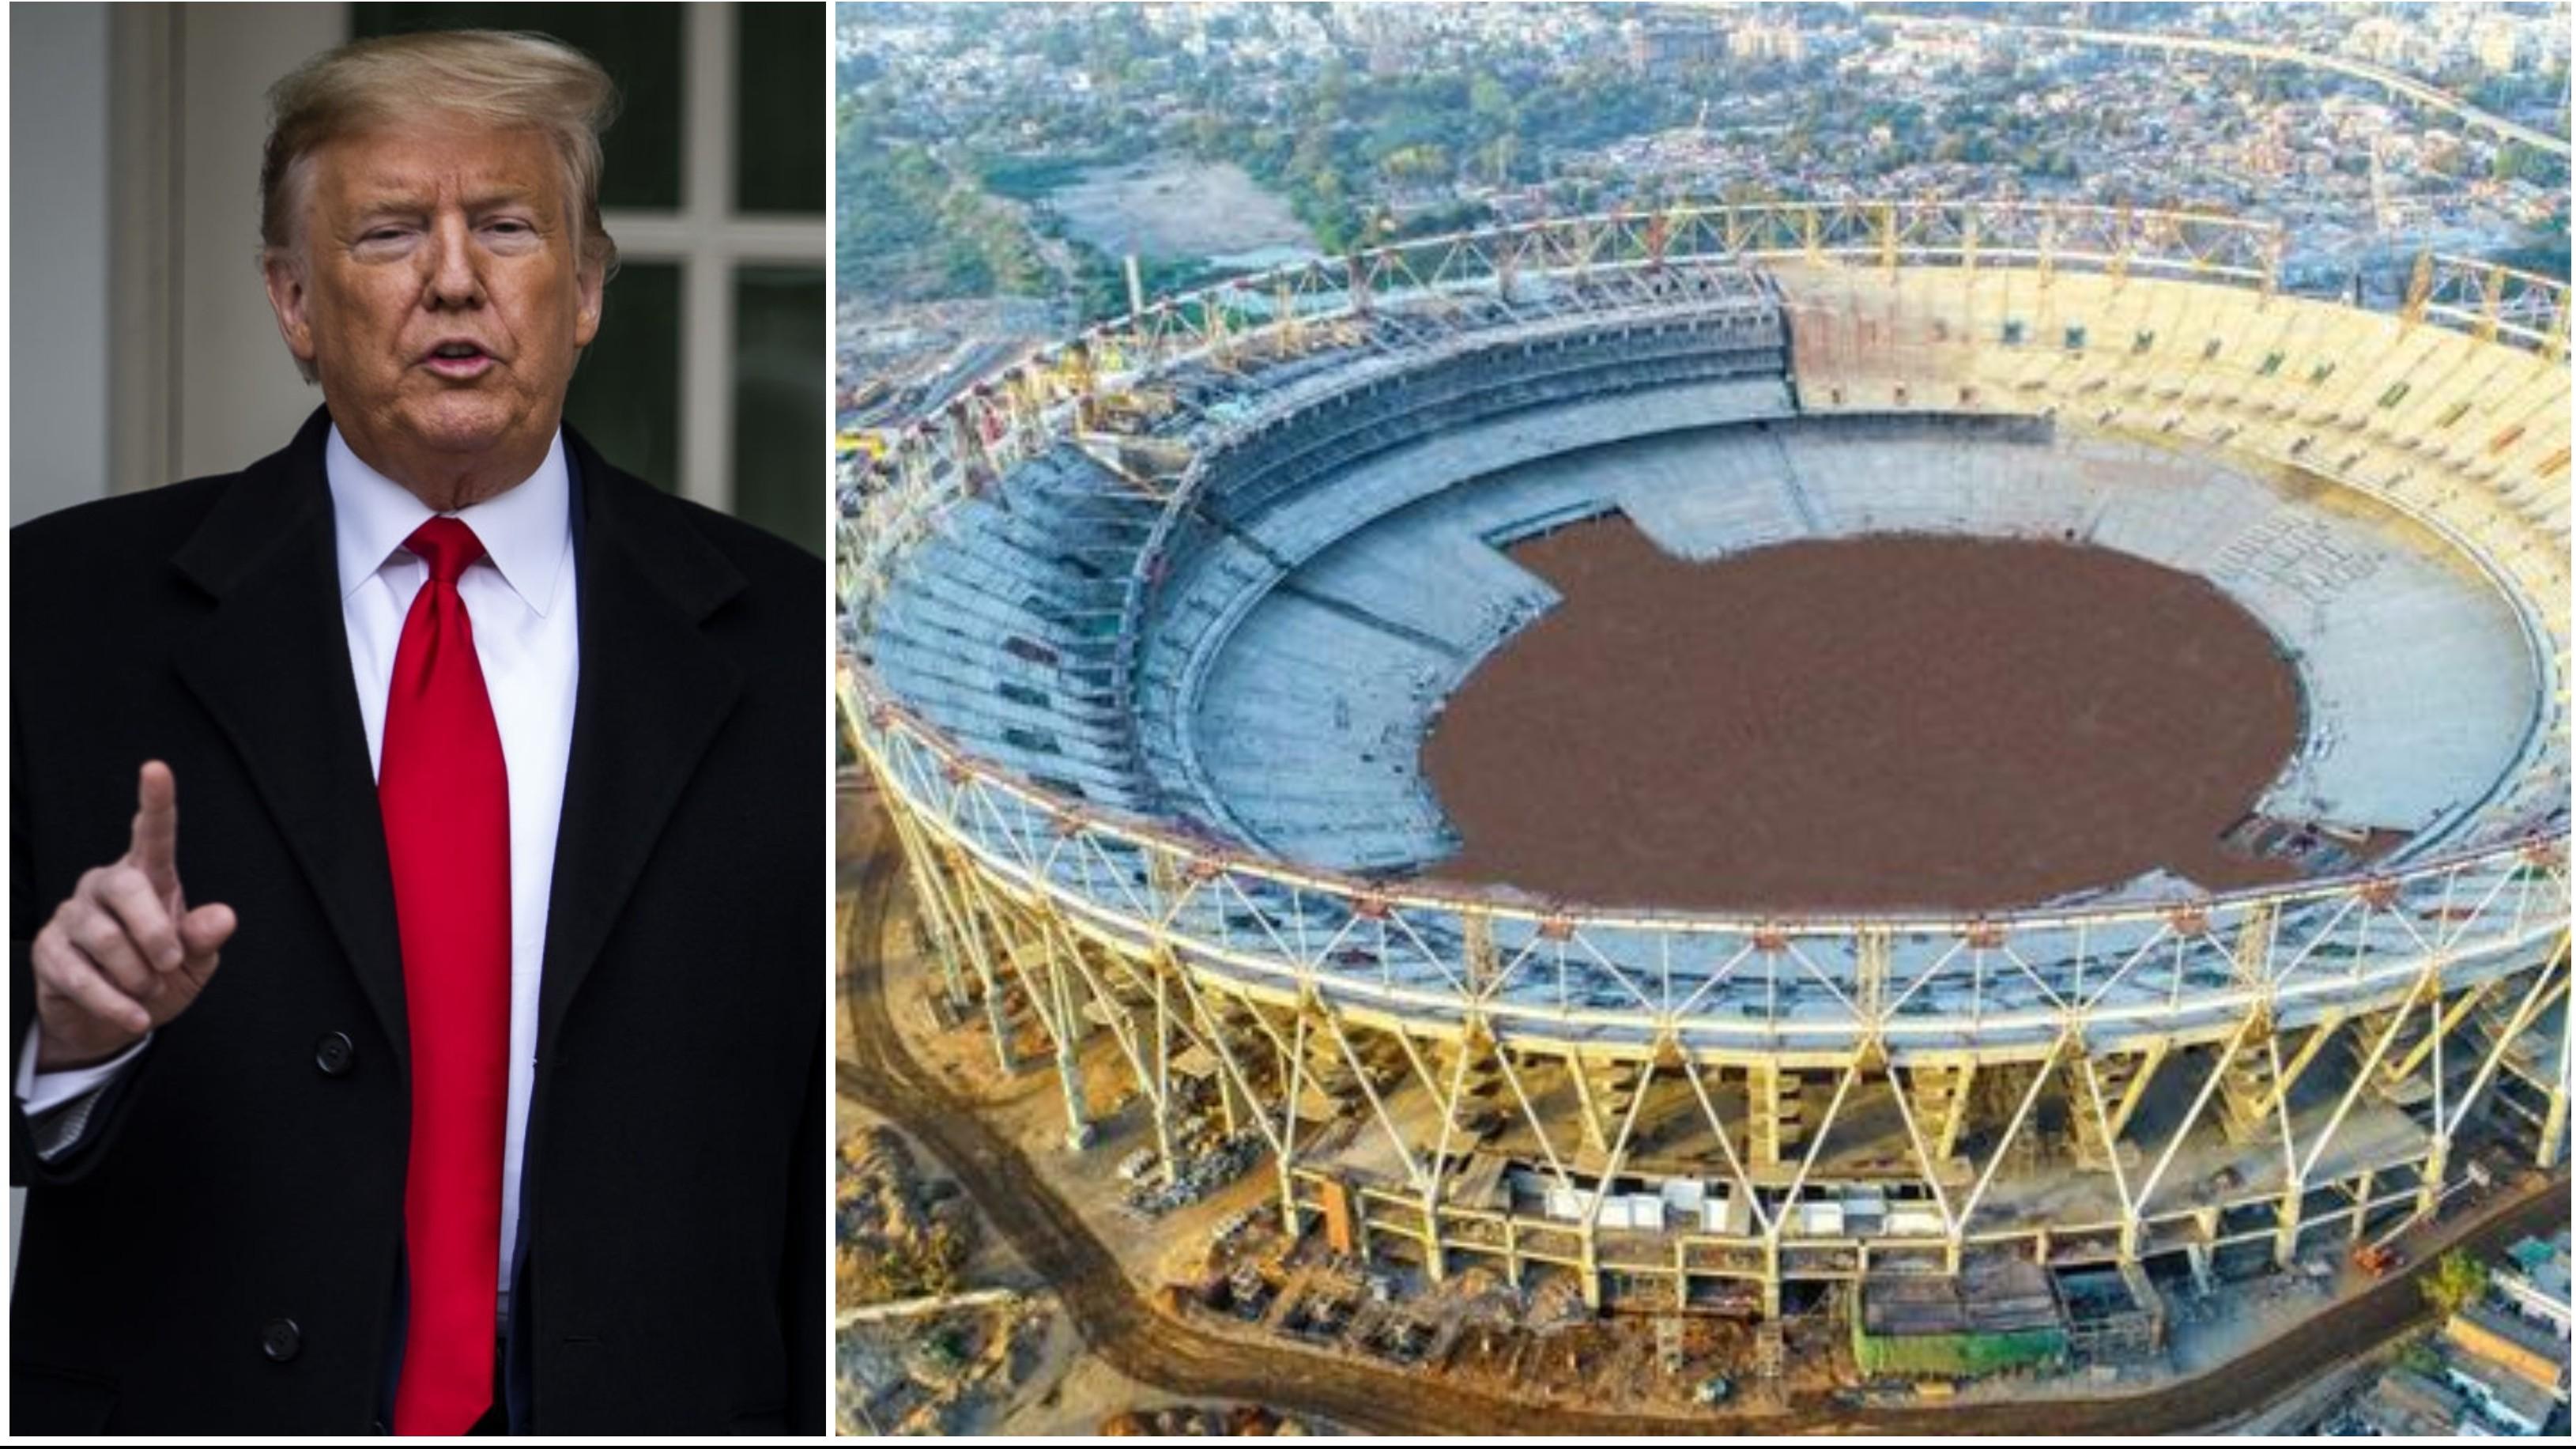 डोनाल्ड ट्रम्प करेंगे अहमदाबाद में दुनिया के सबसे बड़े क्रिकेट स्टेडियम का उद्घाटन